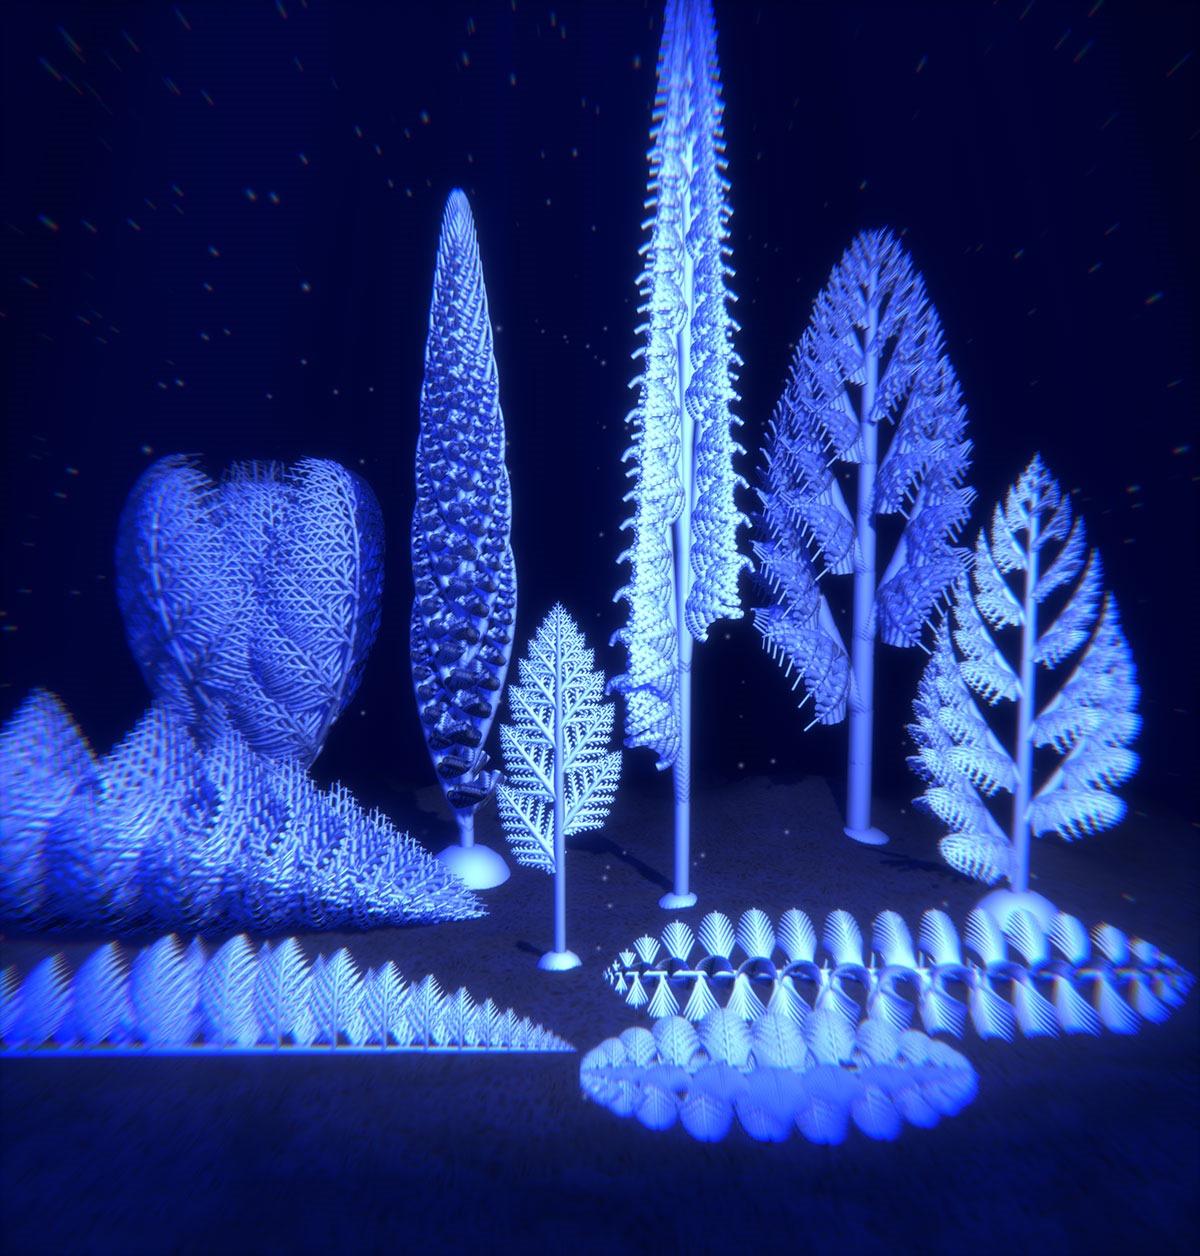 Les créatures préhistoriques aux formes de fractales